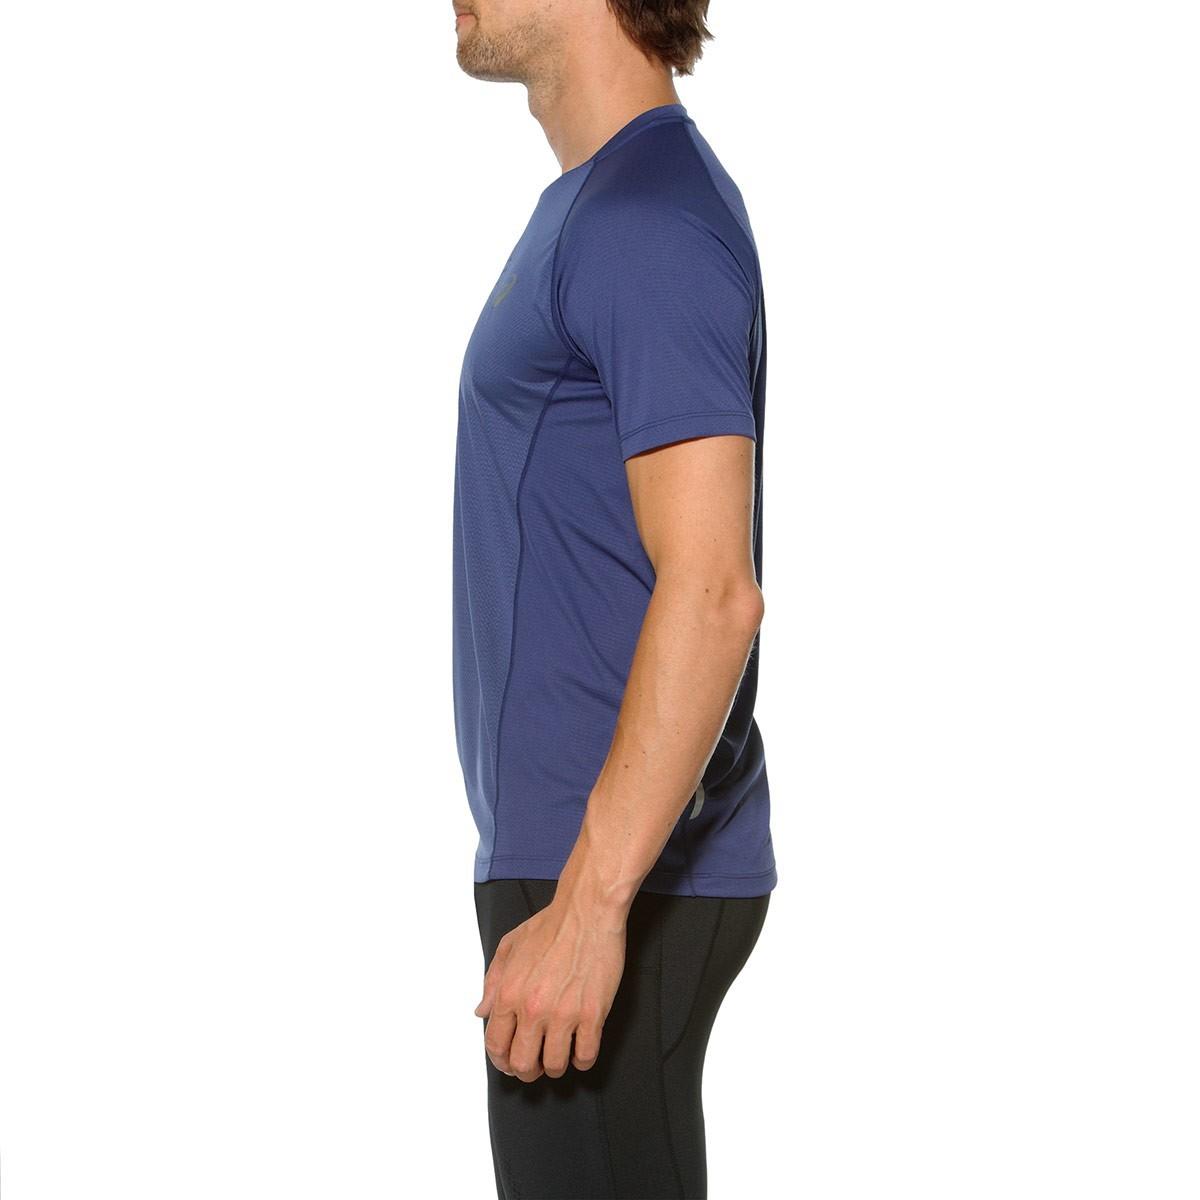 Мужская беговая футболка Асикс FujiTrail Ultra Top (130006 8133) синяя фото